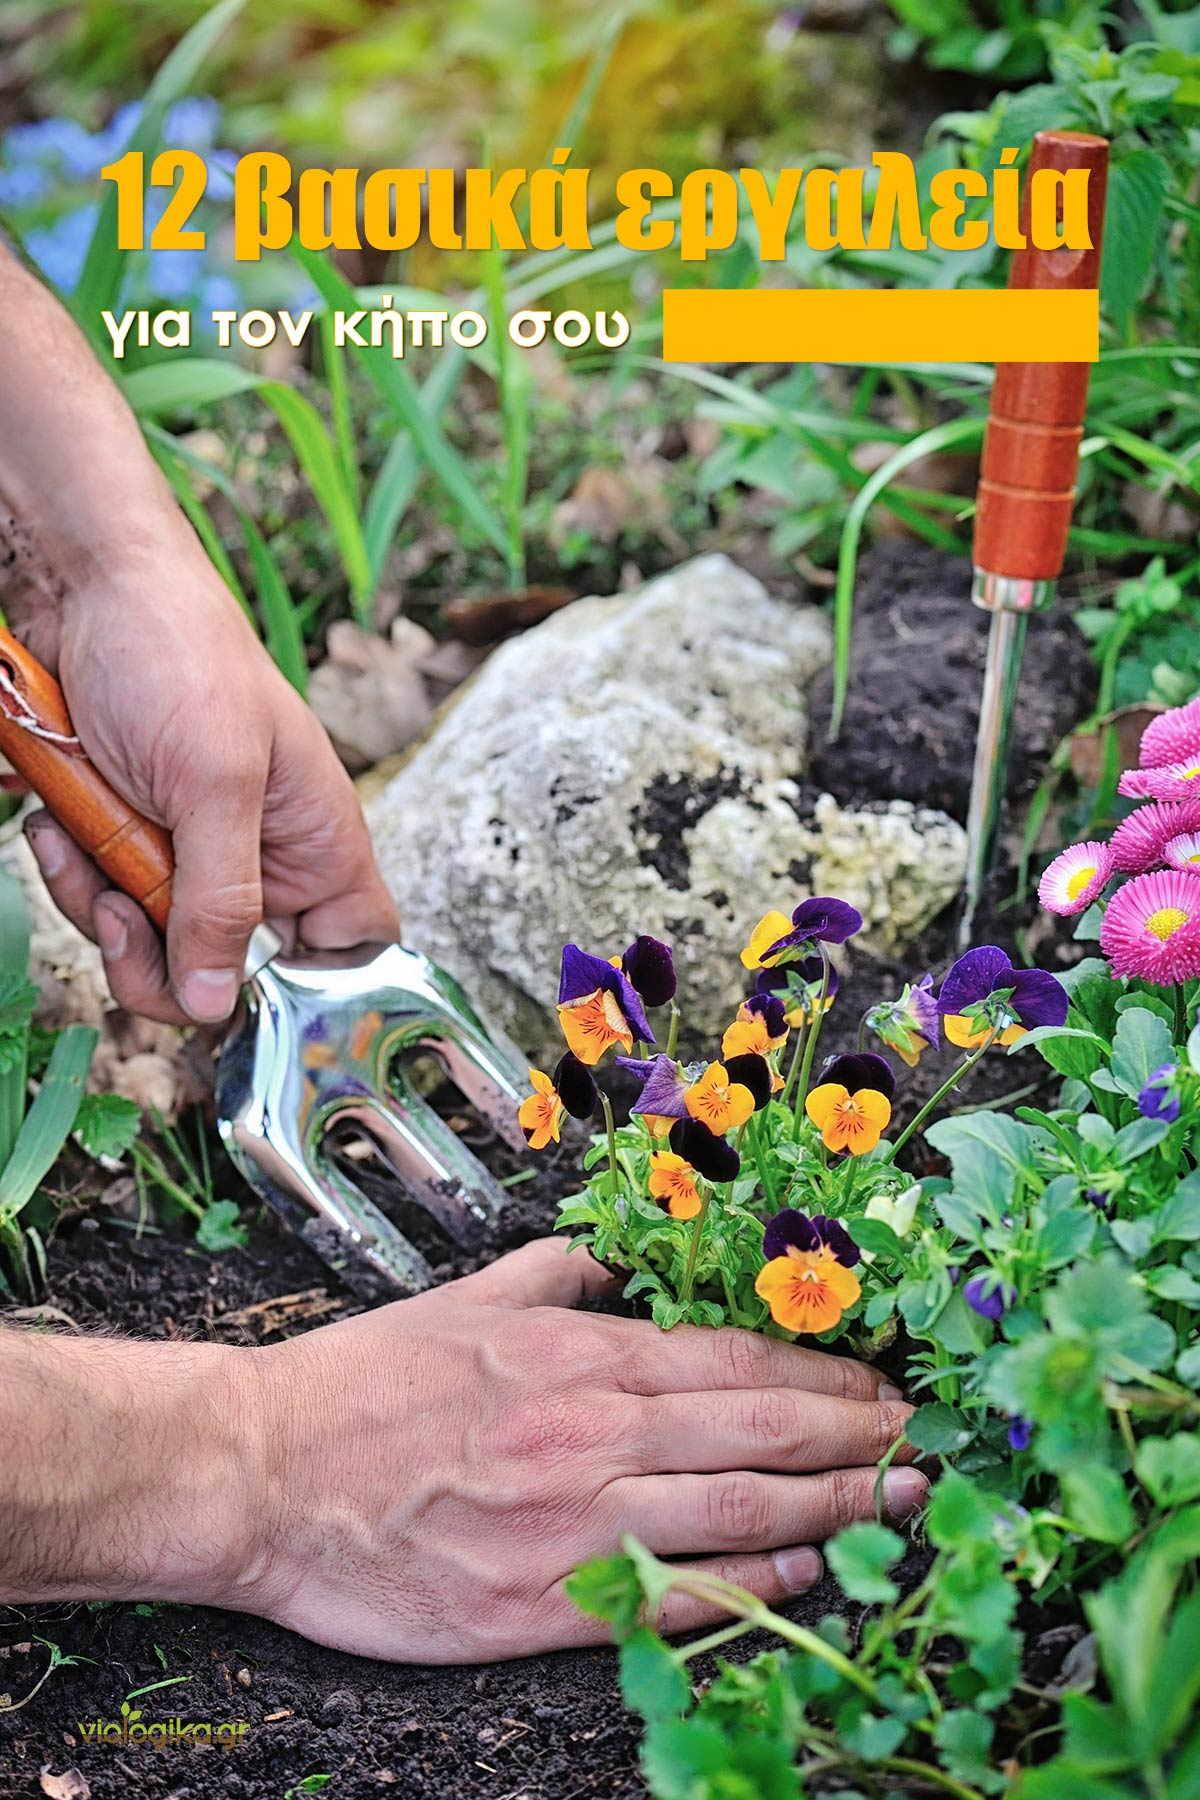 12 βασικά εργαλεία κήπου